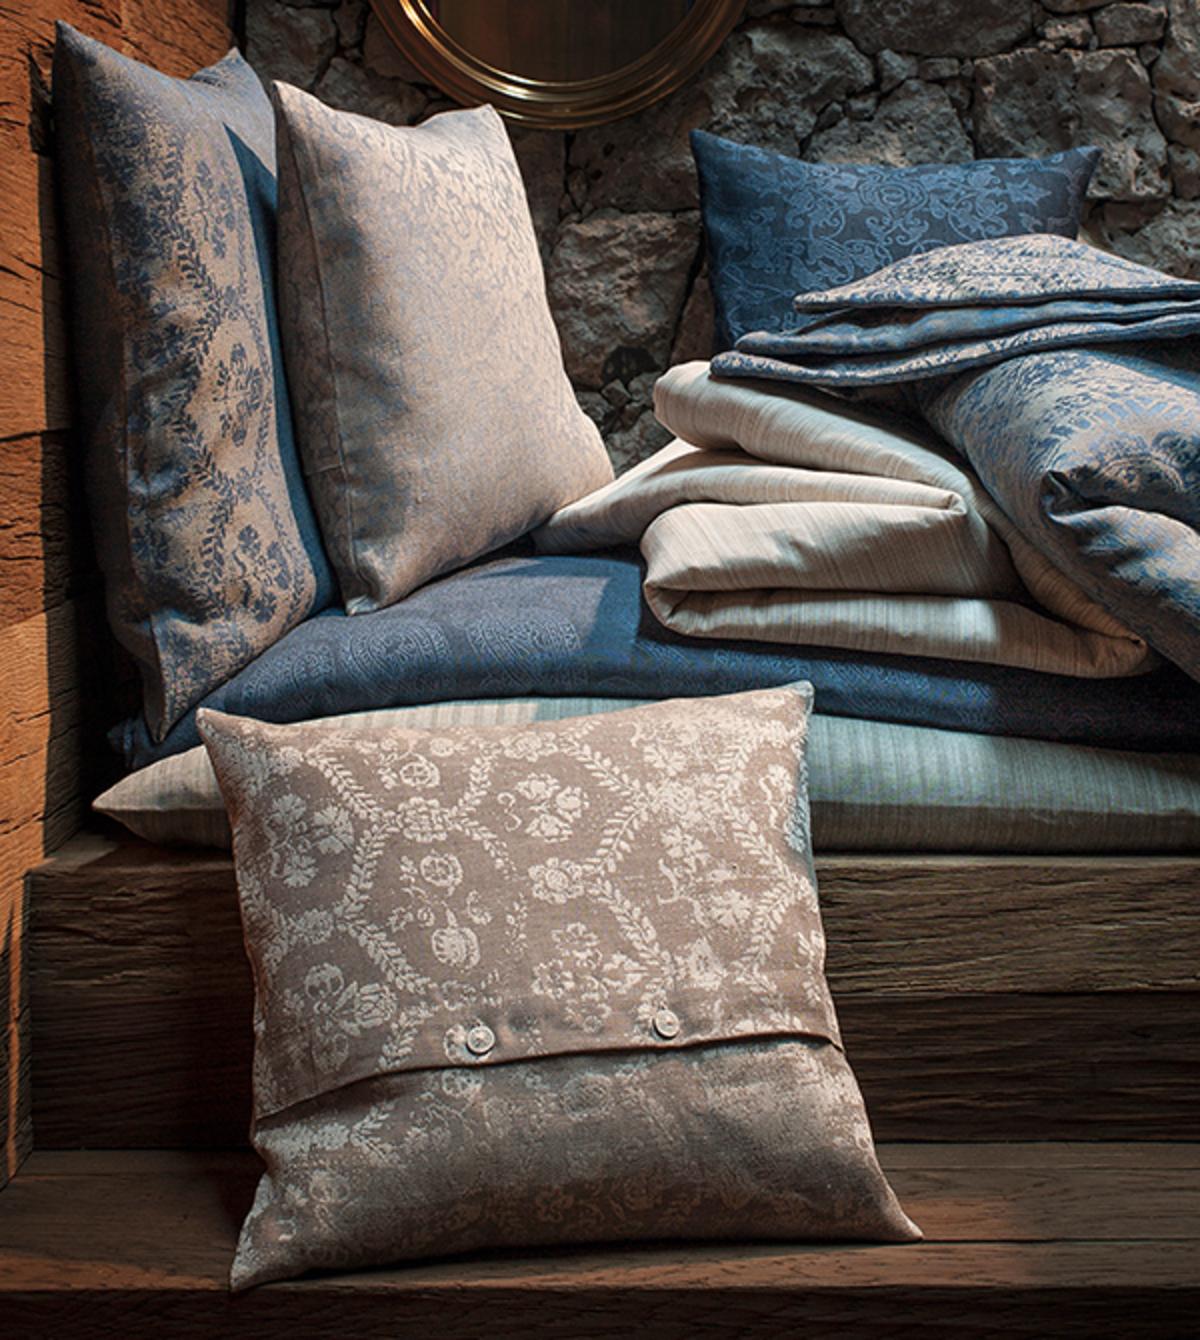 visintin leben mit stil wohnen. Black Bedroom Furniture Sets. Home Design Ideas